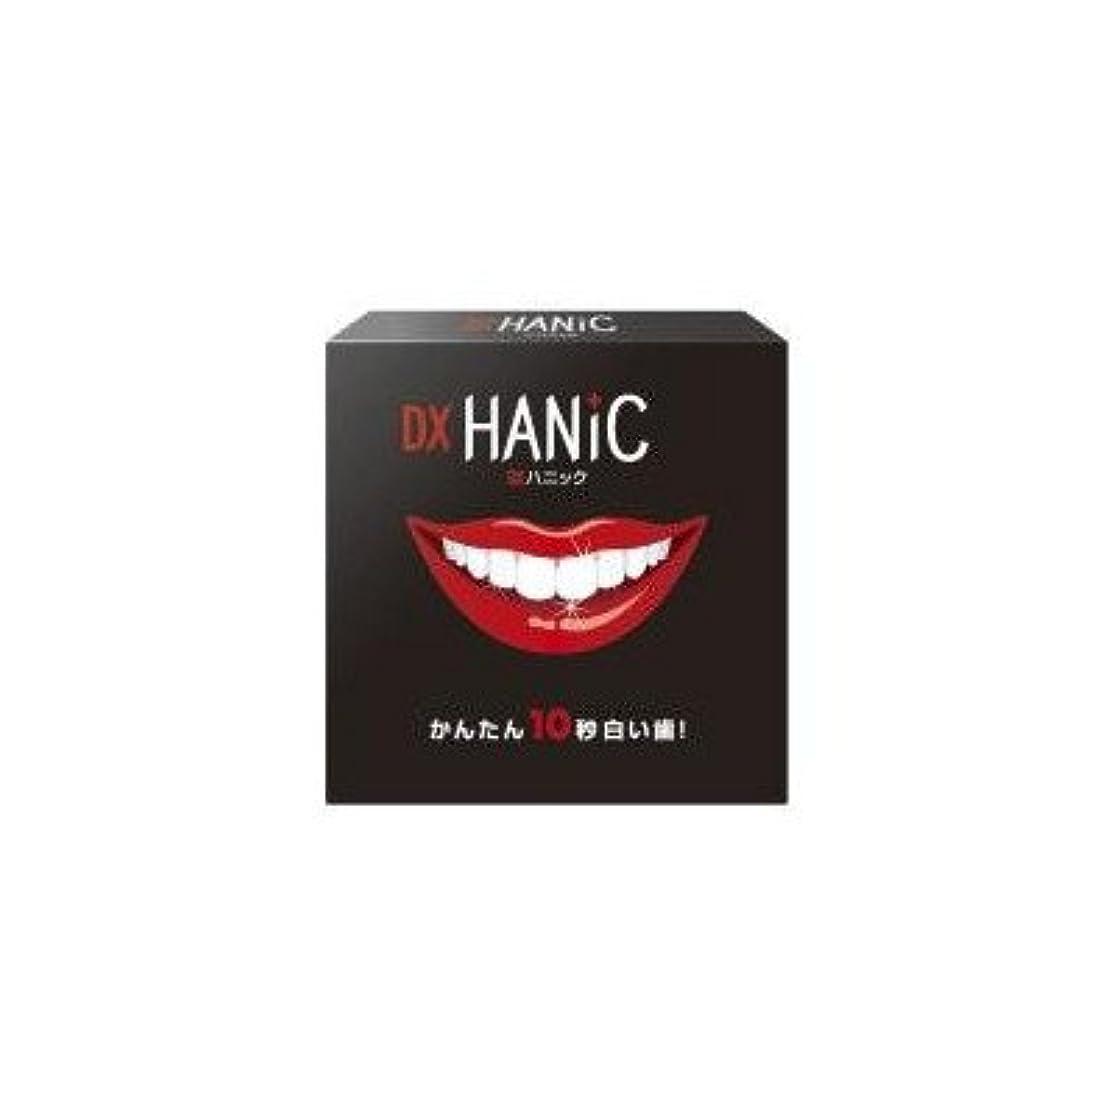 採用するポスター絶縁する塗るだけで真っ白に魅せる歯のマニキュア DXハニック デンタルコットン付き 歯のマニュキア?ペンタイプ